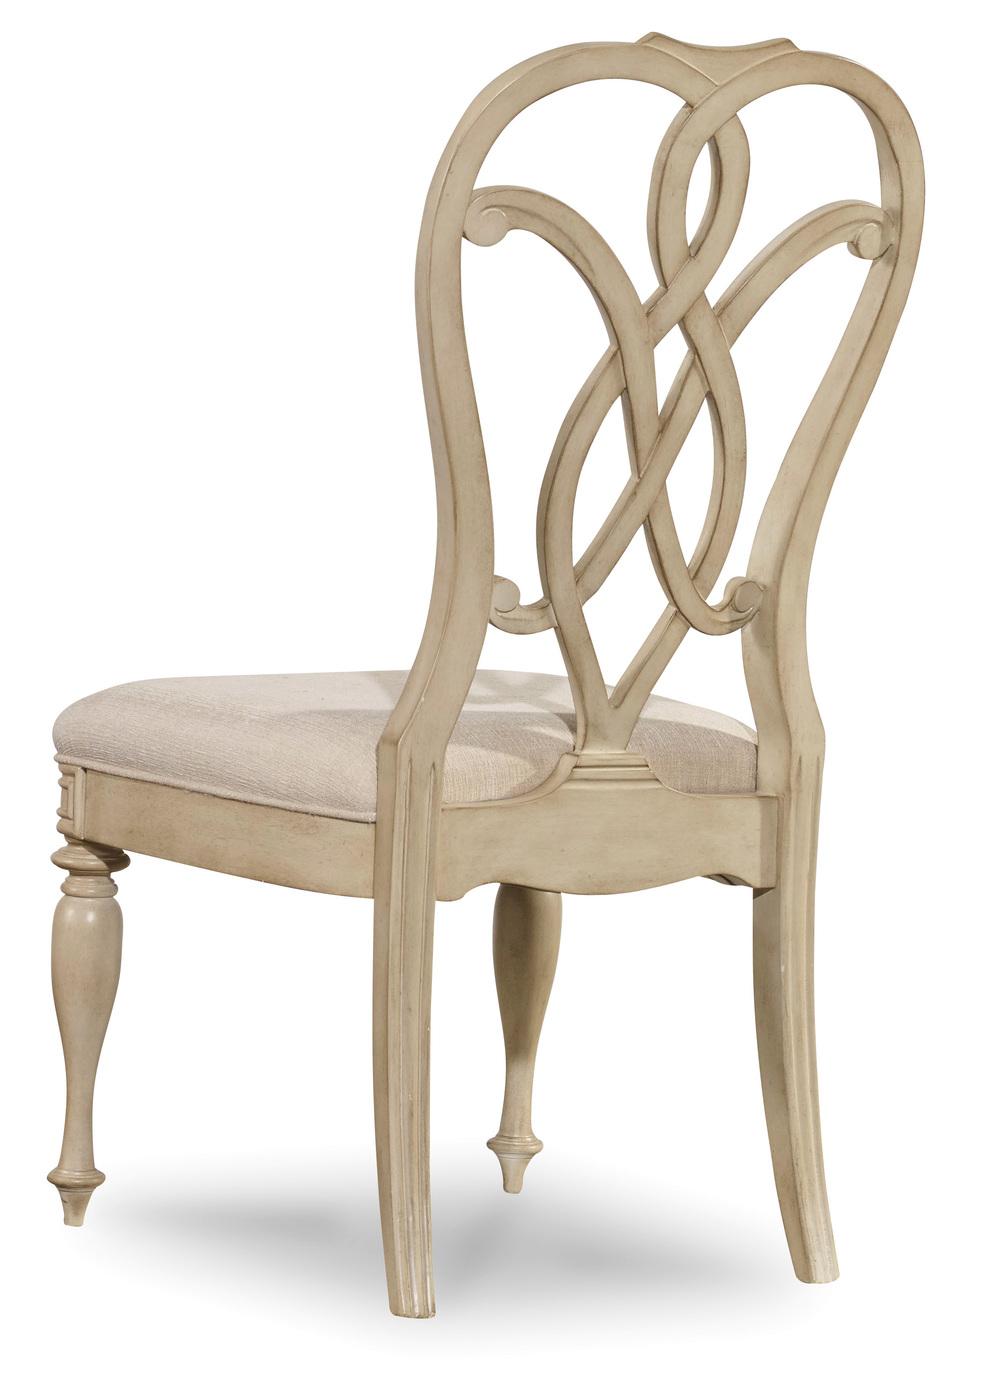 Hooker Furniture - Leesburg Splatback Side Chair